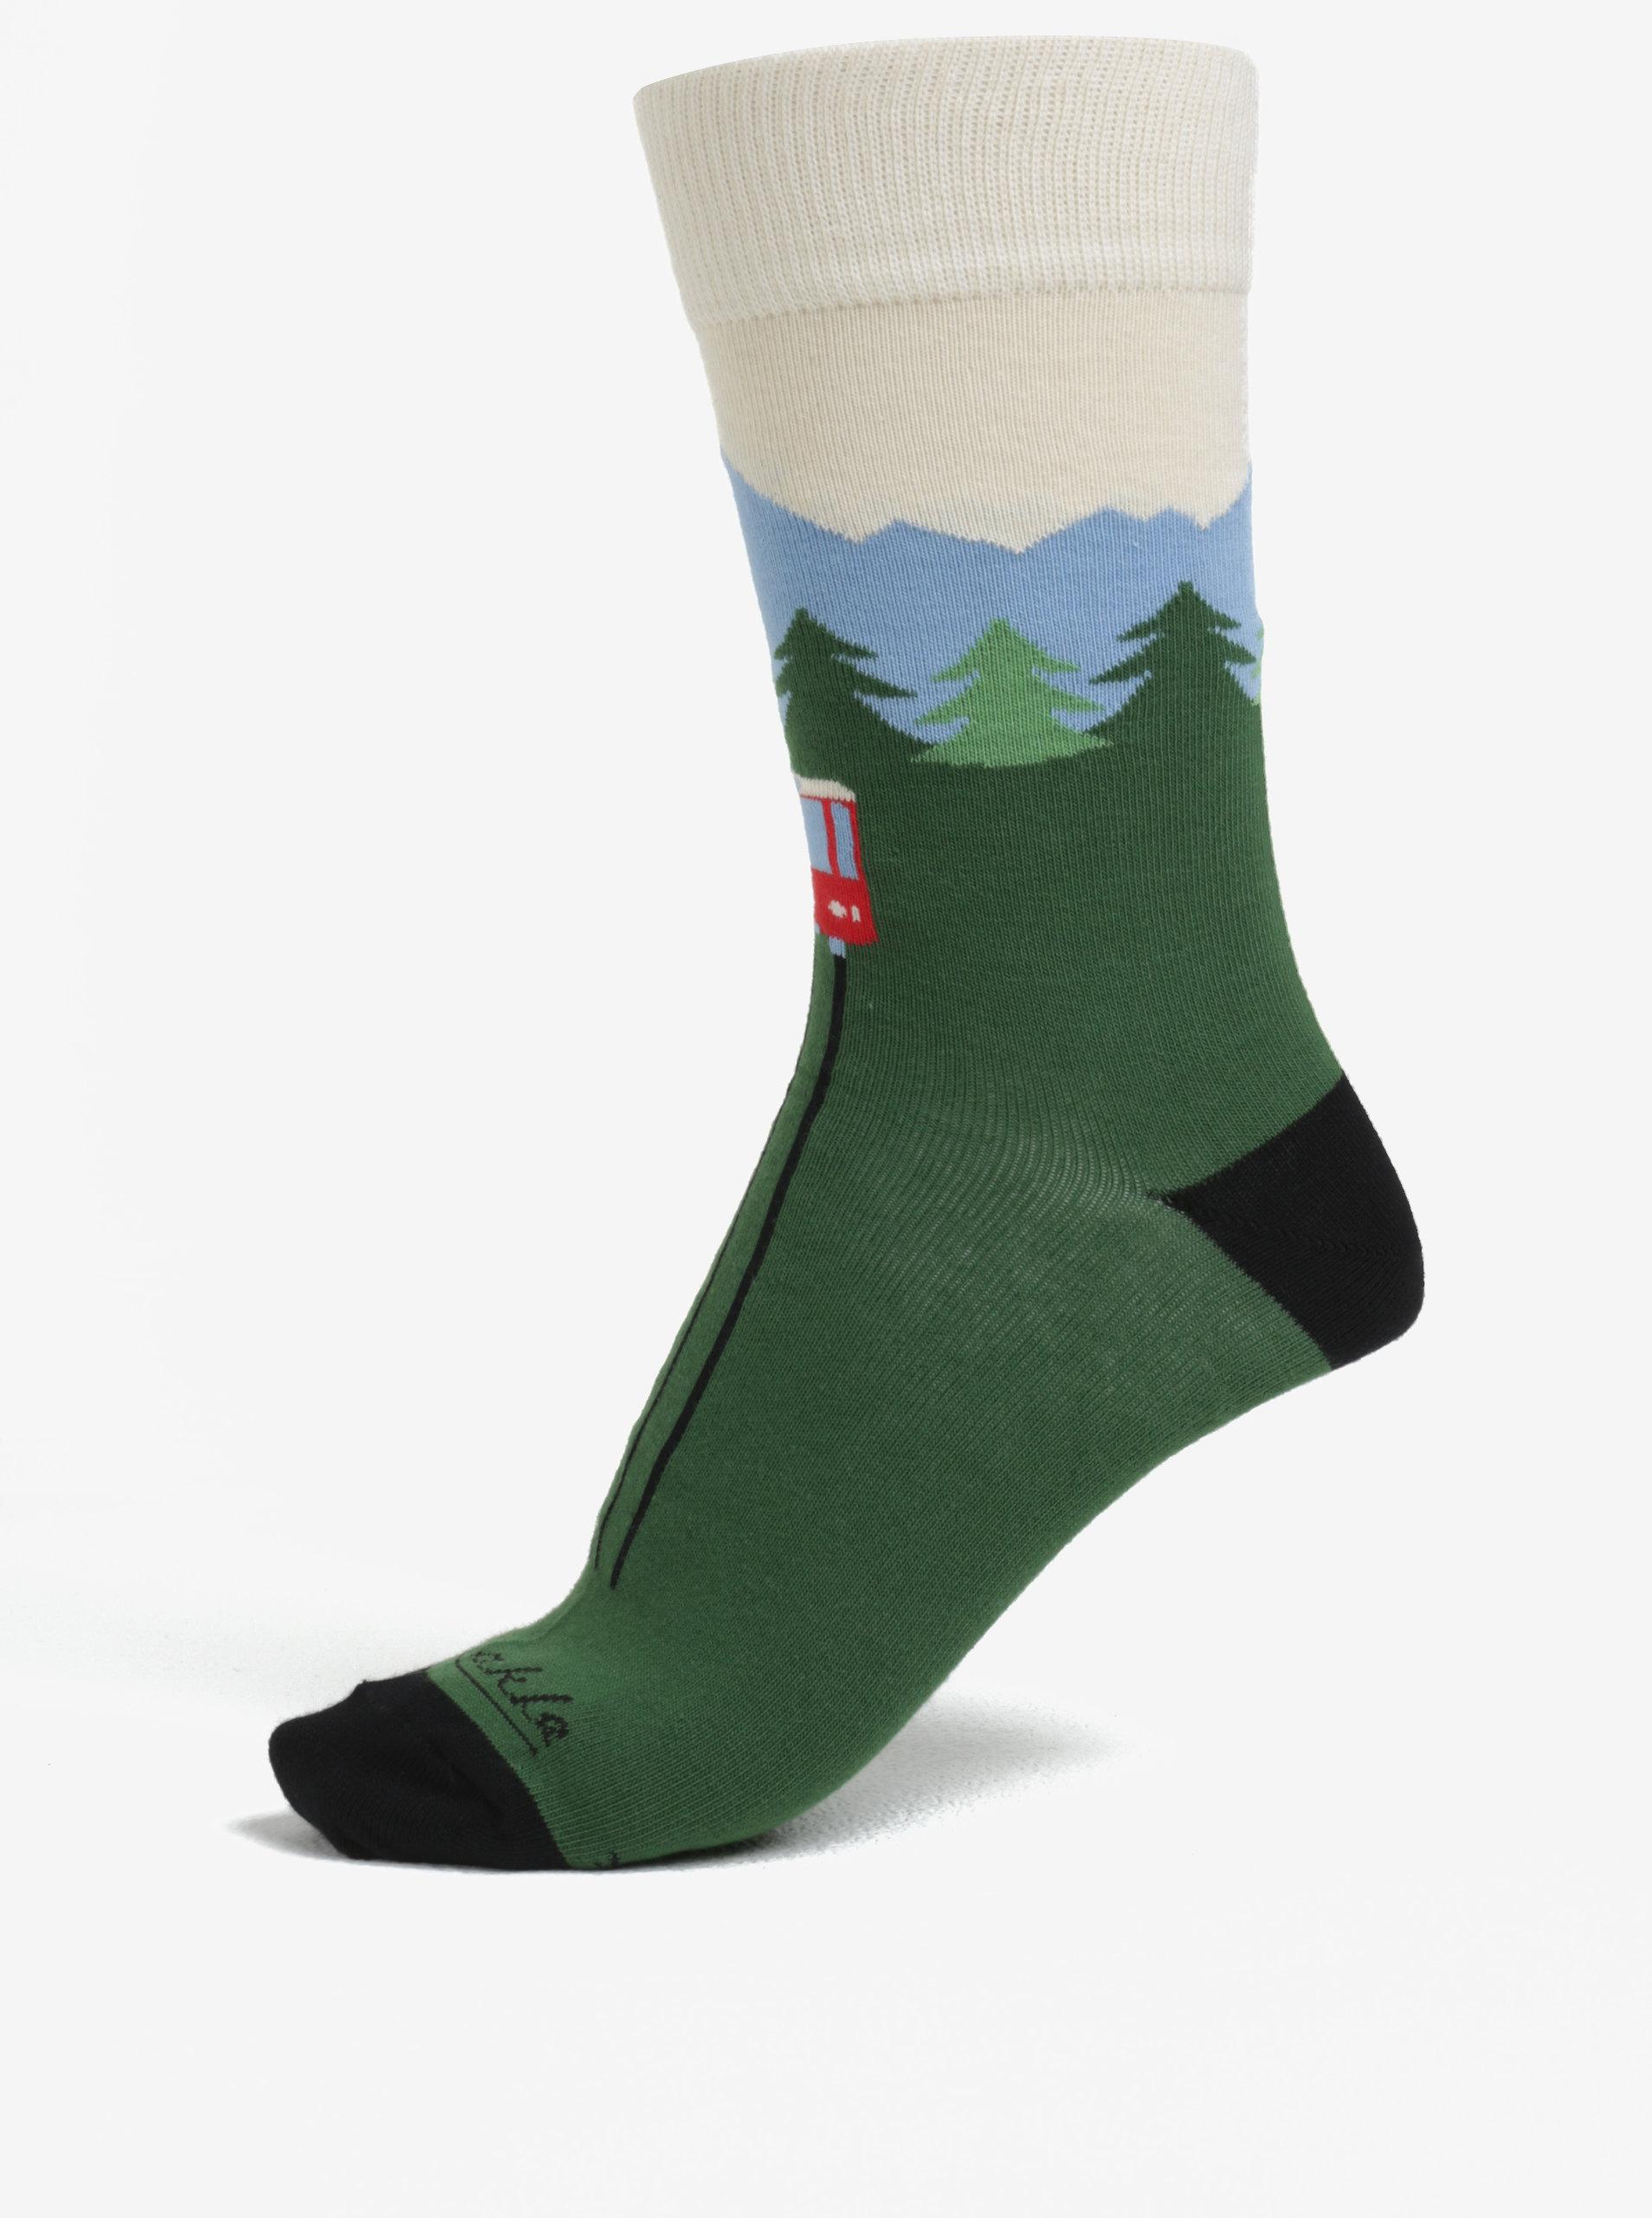 a2b25b39605 Tmavě zelené unisex ponožky s motivem lanovky Fusakle Hrebienok ...